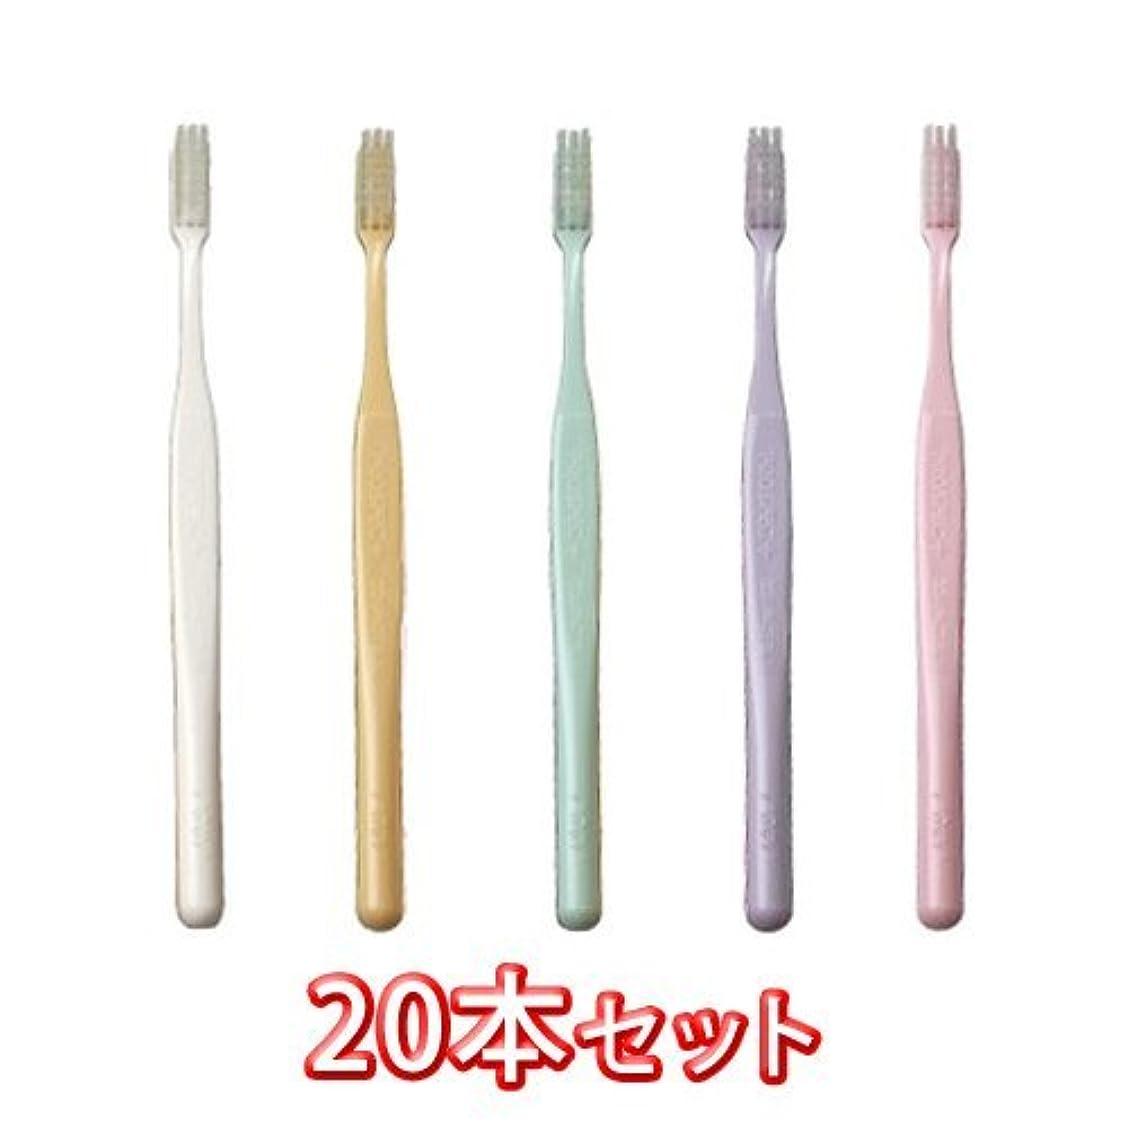 マウス貴重なブラザープロスペック 歯ブラシ プラス コンパクトスリム 20本入 ふつう色 S やわらかめ